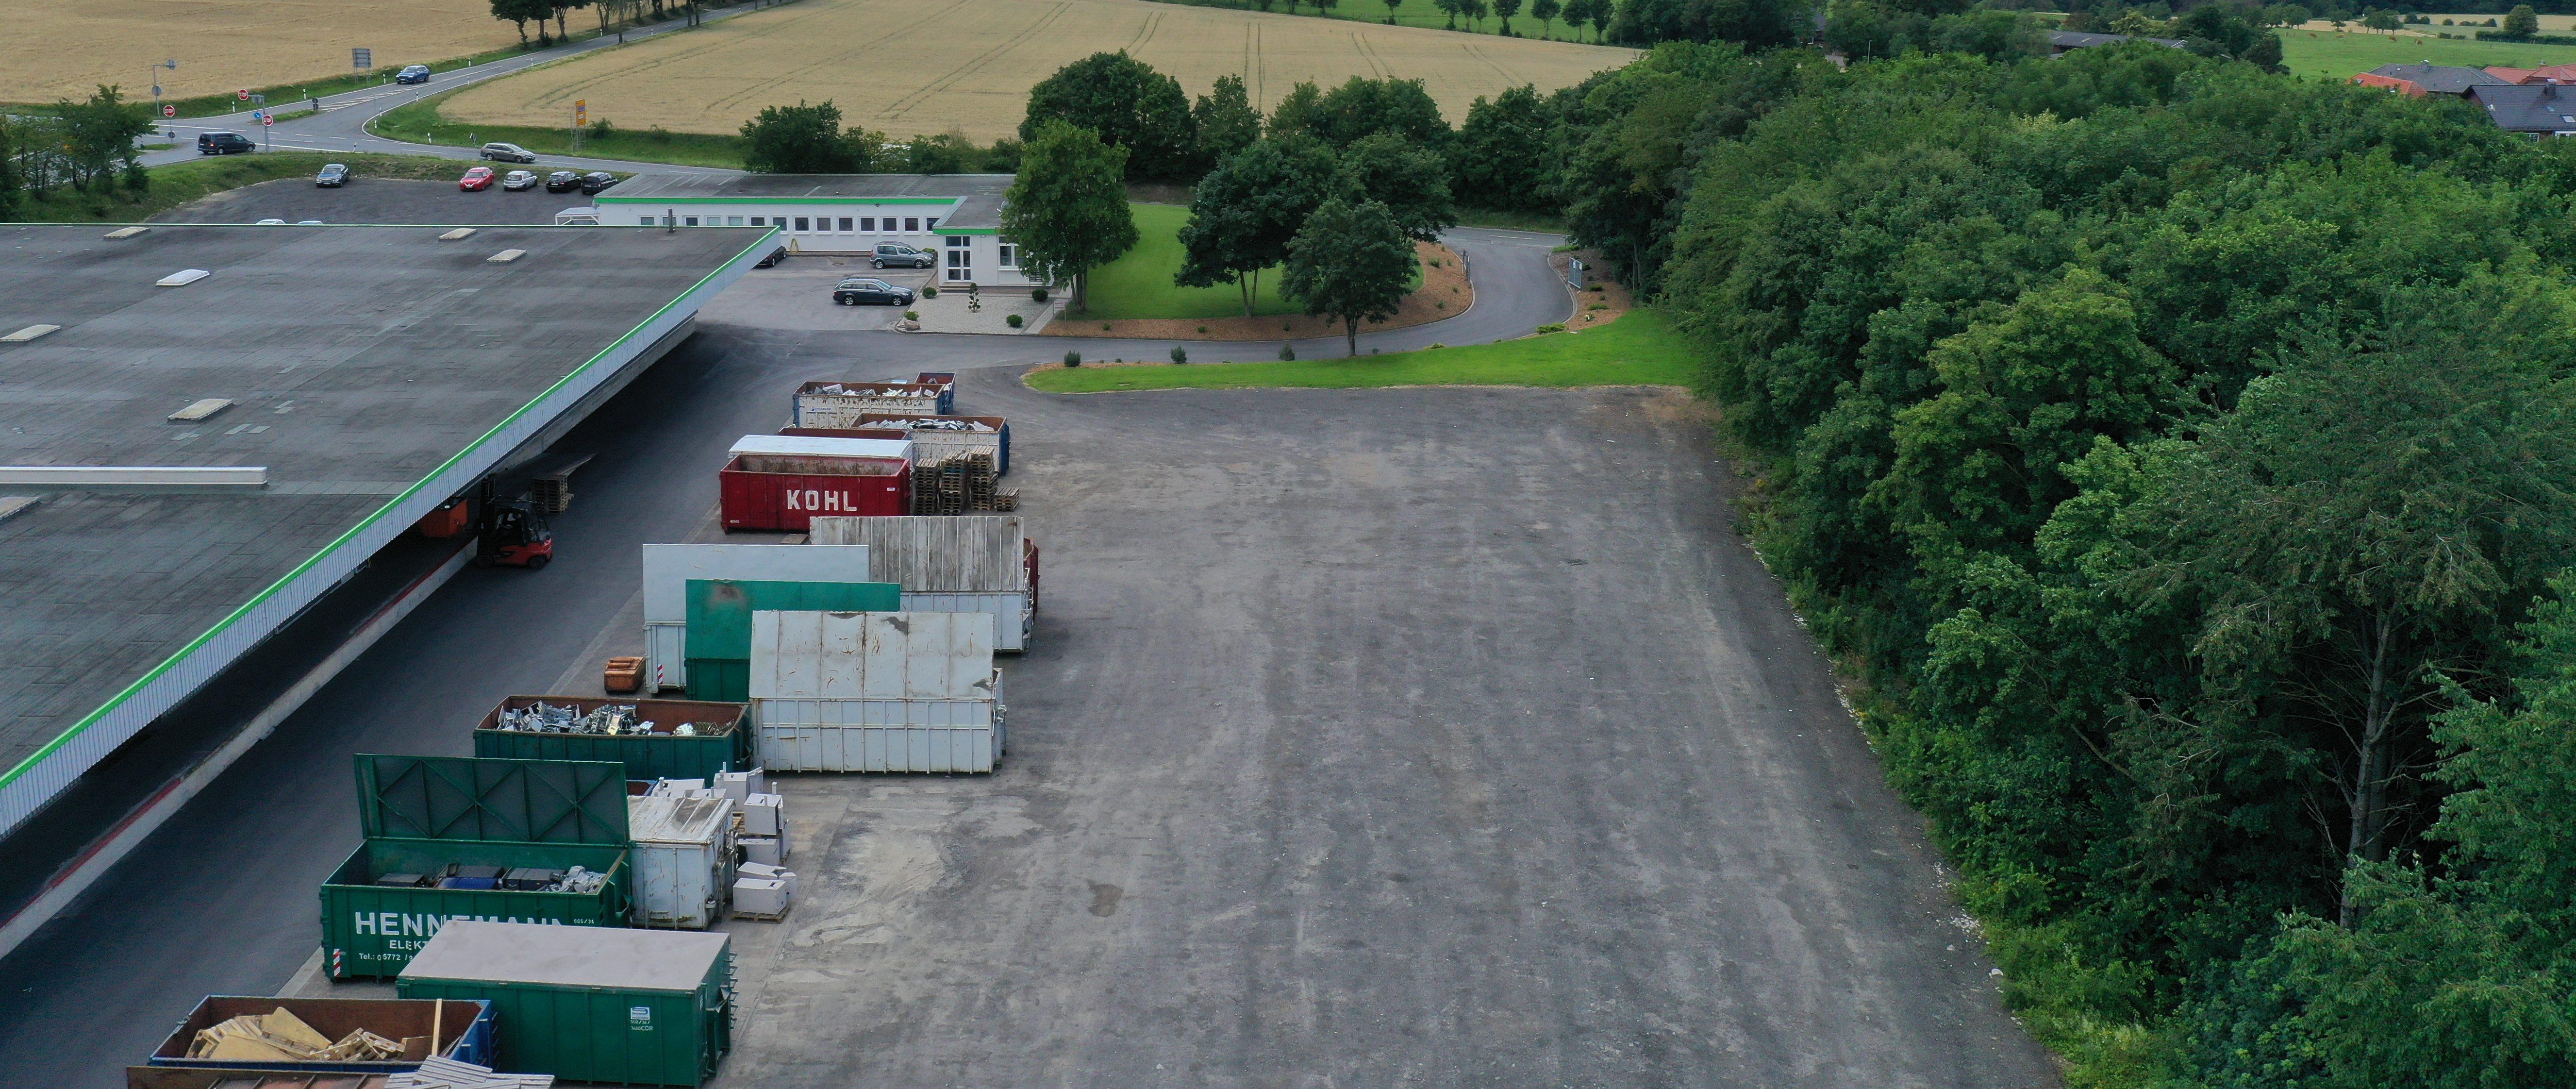 Gesicherte Freiflächen für Wohnmobile, Boote, Anhänger, LKW, Transporter